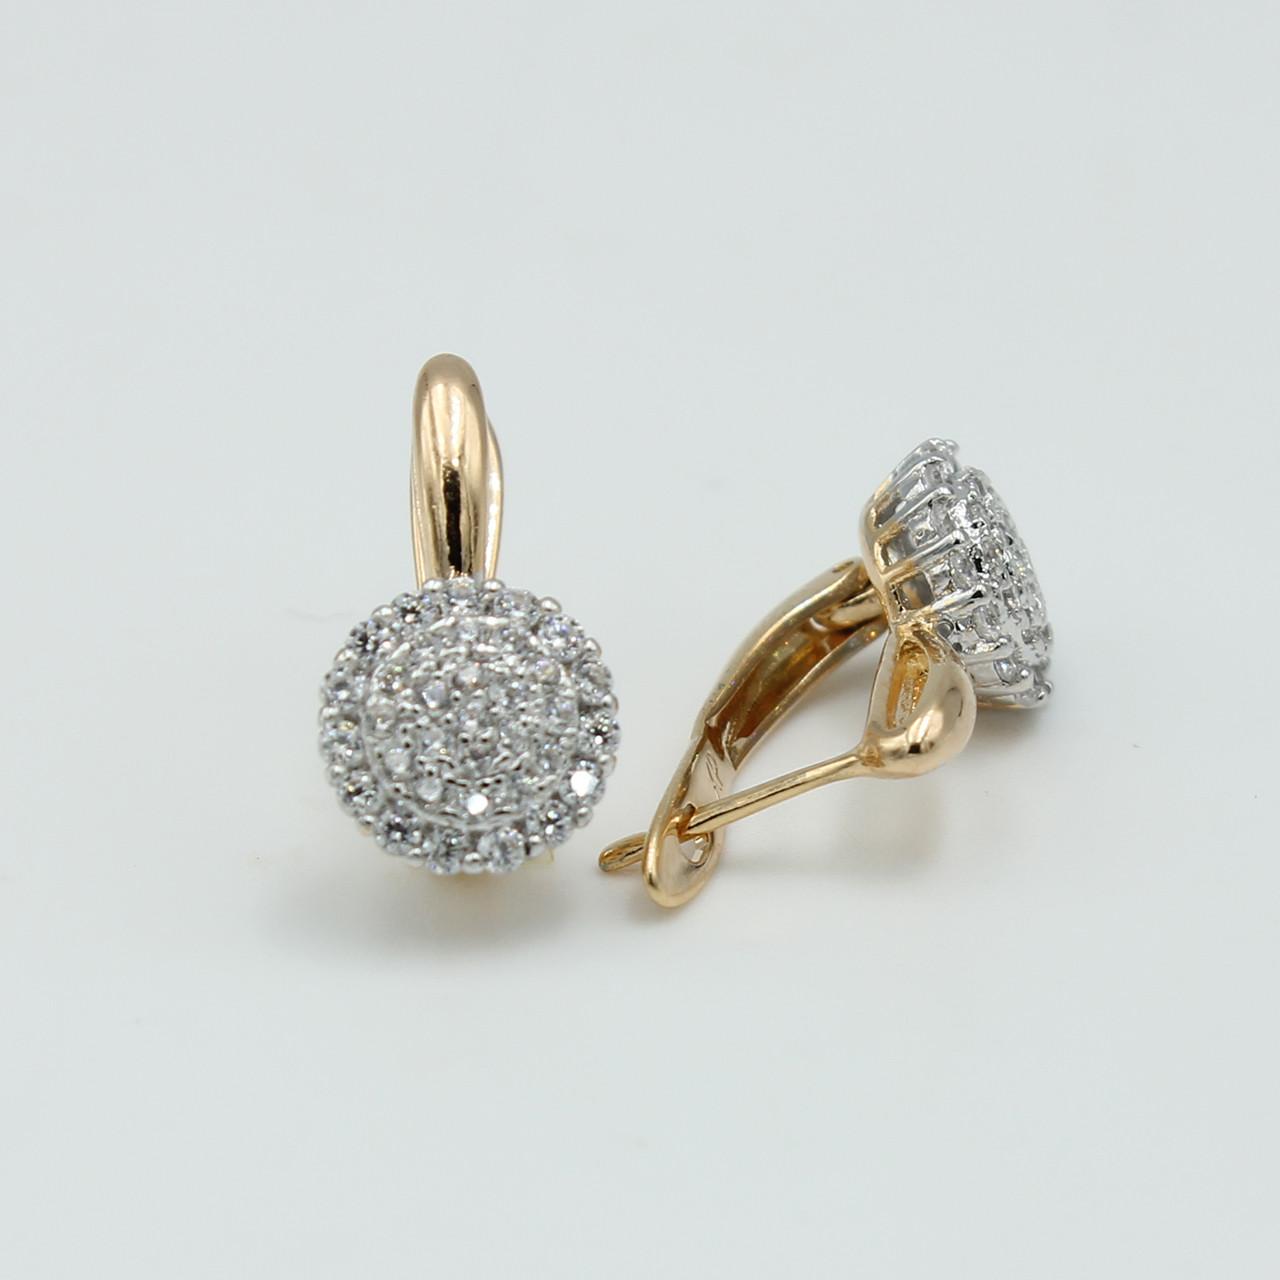 Сережки Круги із каменем циркон, позолота